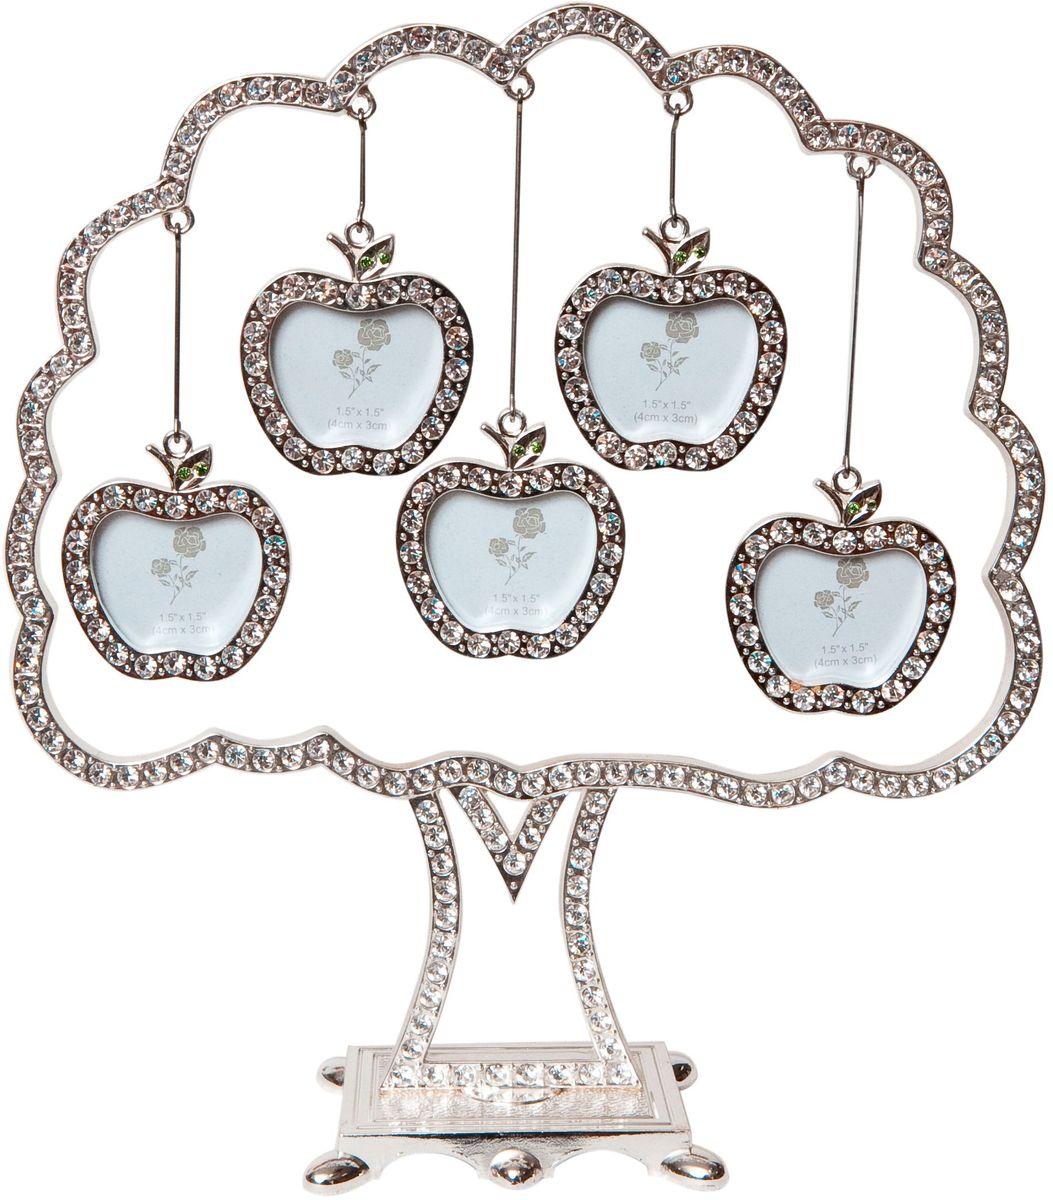 Фоторамка декоративная Platinum Дерево, на 5 фото, высота 19,5 см. PF9707B5 фоторамок на дереве PF9707BРодословное дерево инкрустированное стразами, с фото 5x6 см.